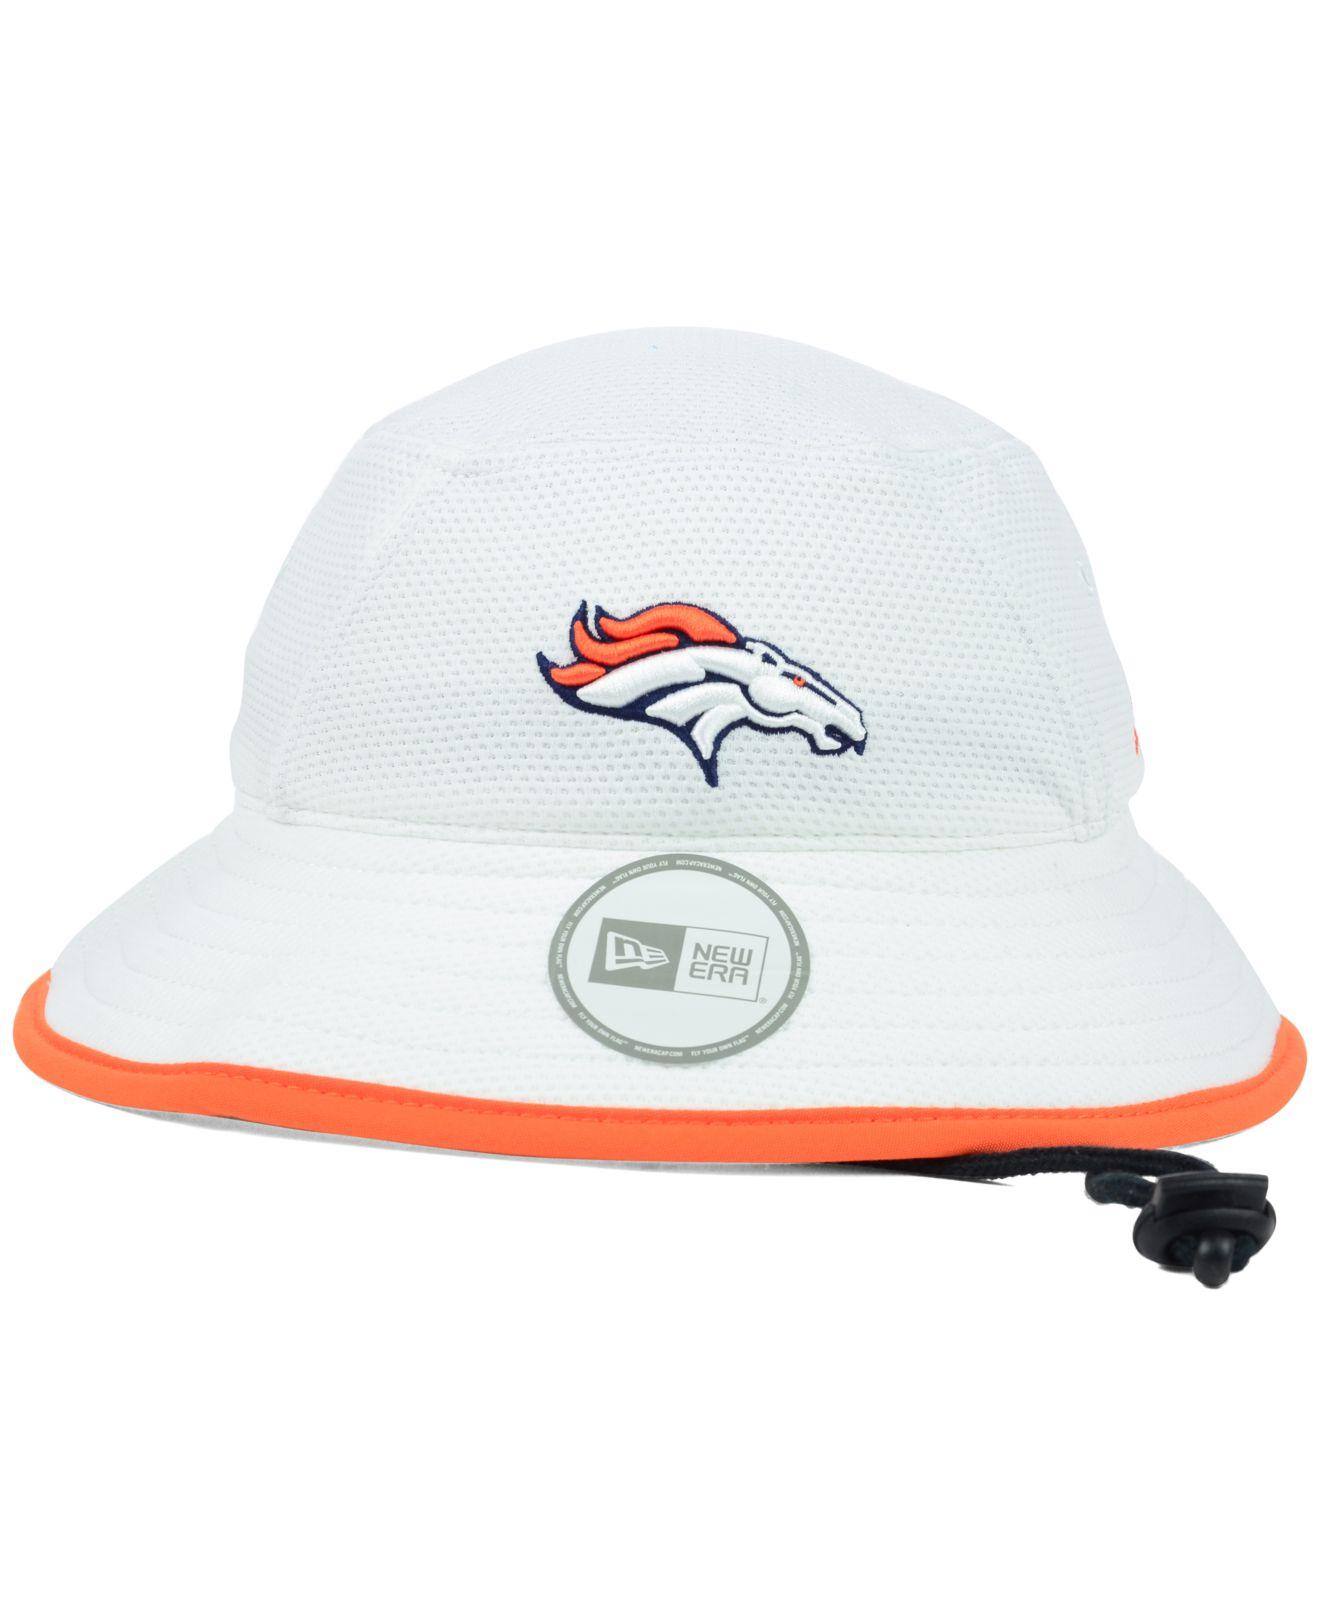 Lyst - KTZ Denver Broncos Training Camp Bucket Hat in White f250986f4ee